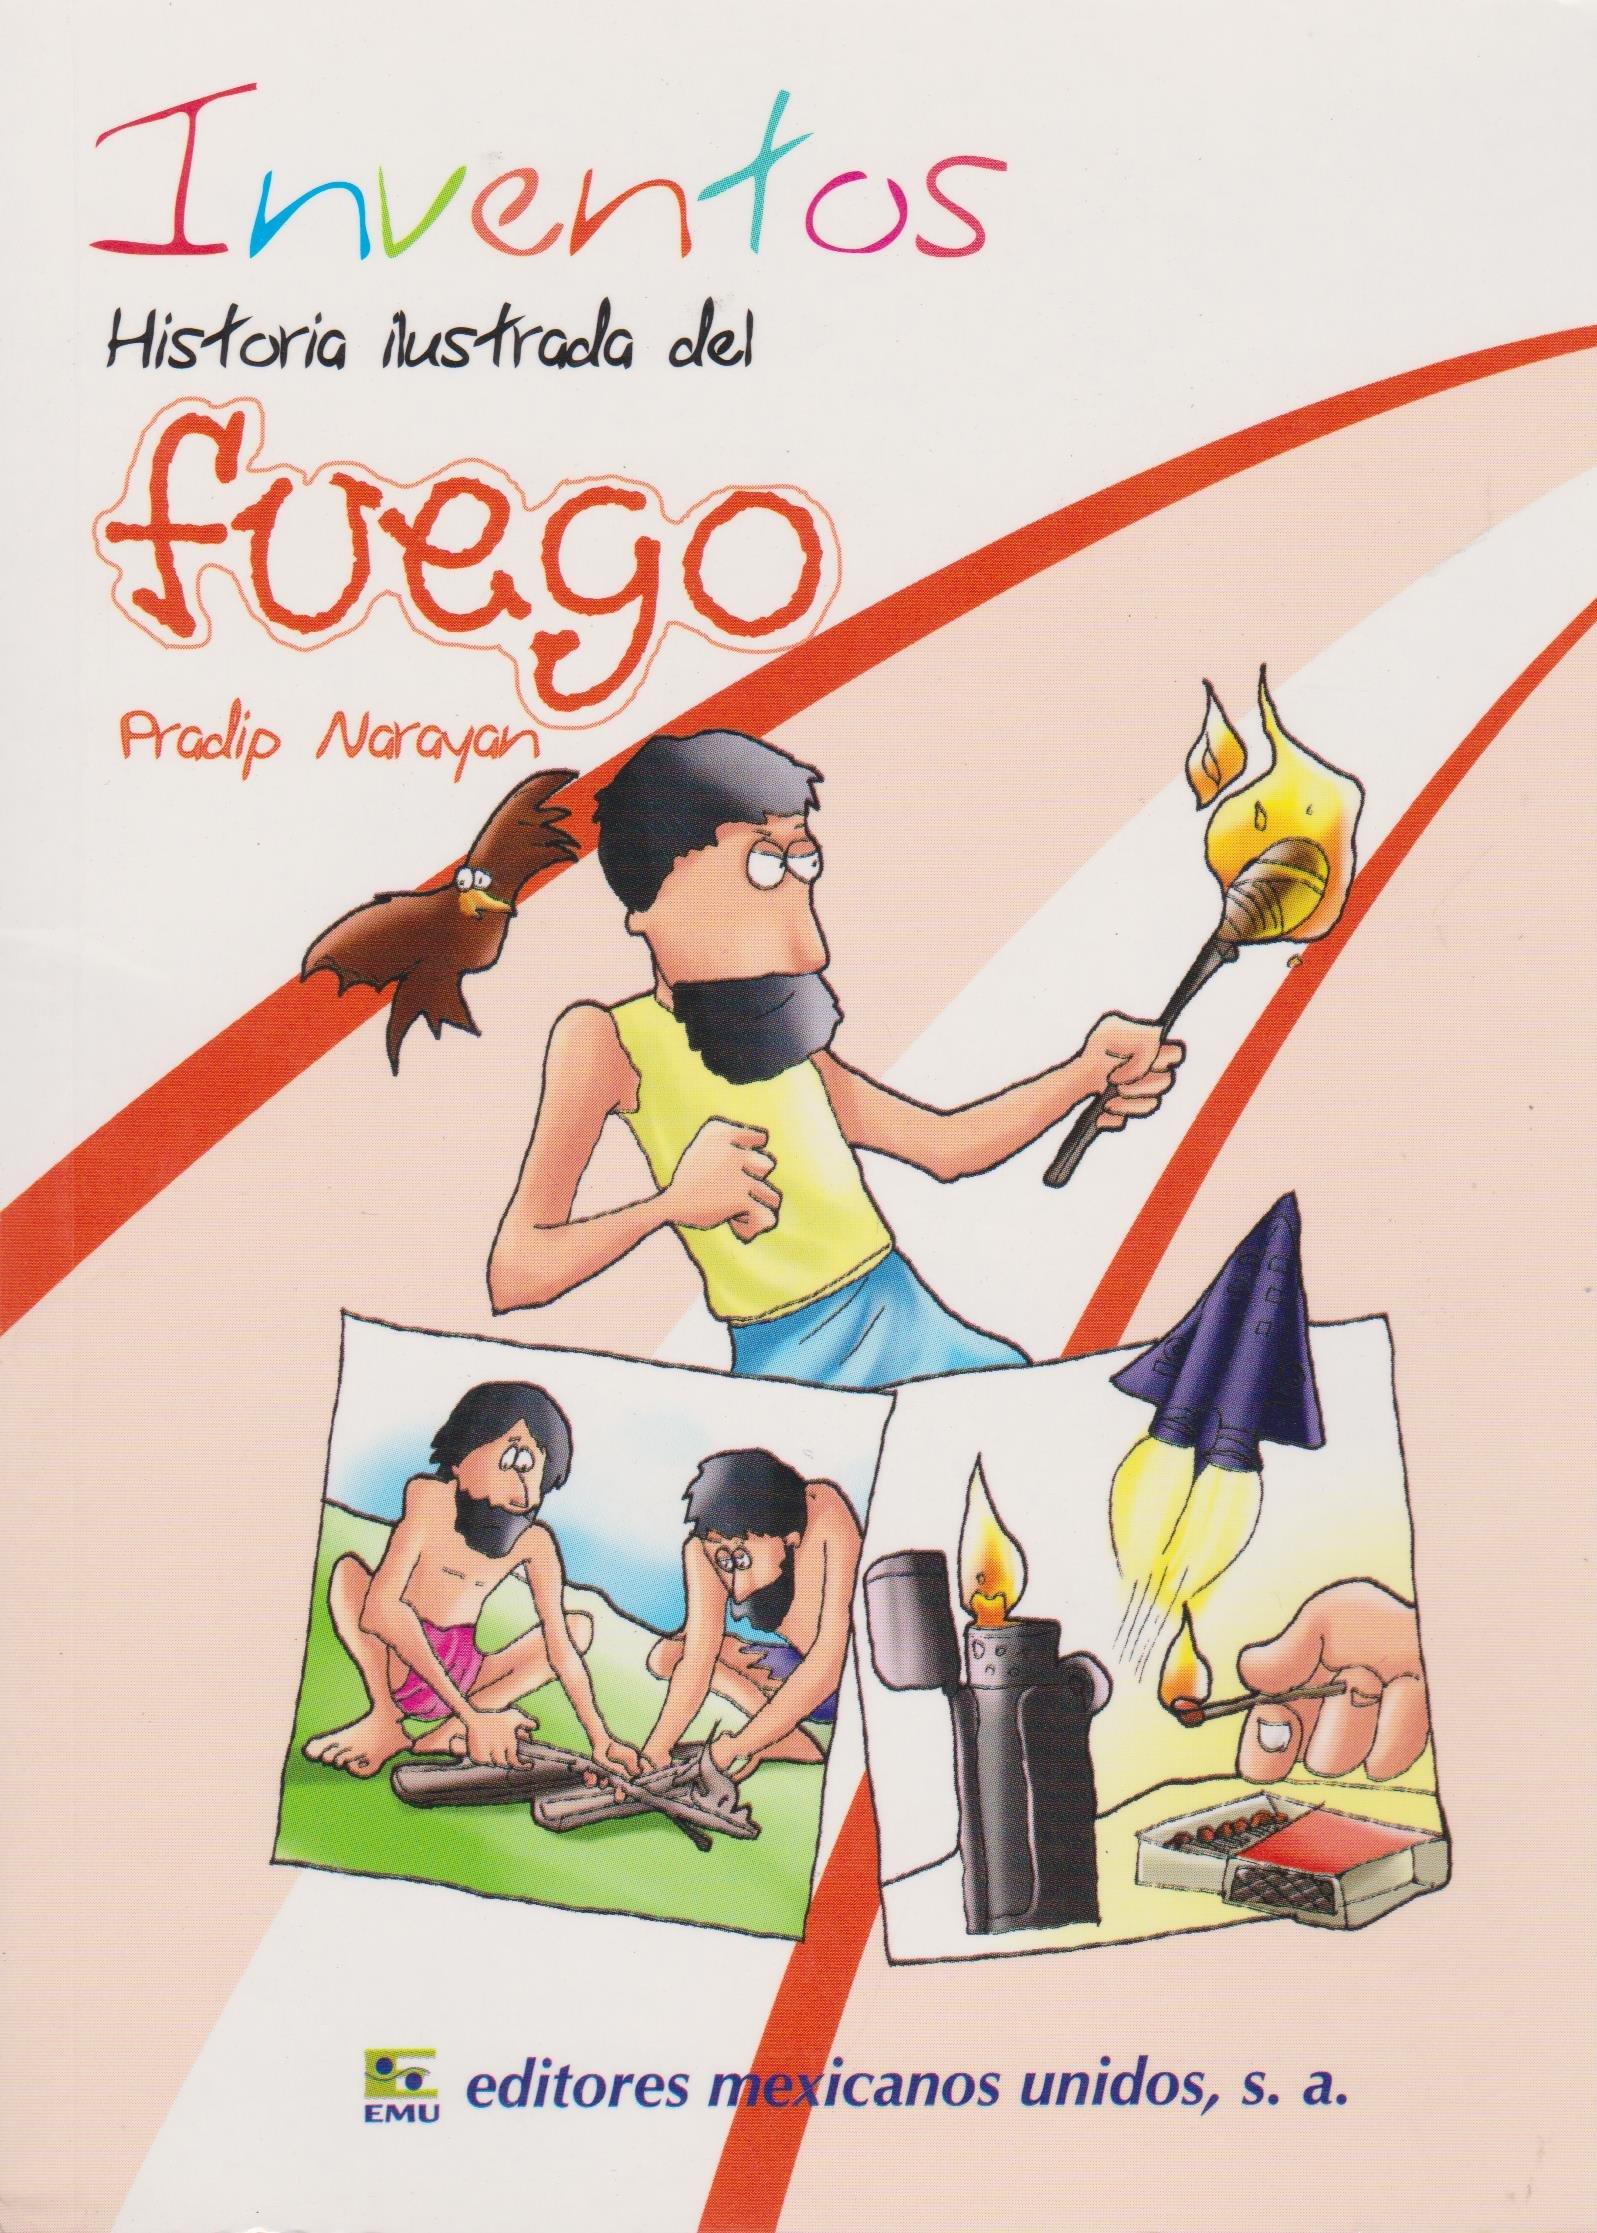 Historia ilustrada del fuego (Spanish Edition) (Spanish) Paperback – August 1, 2012